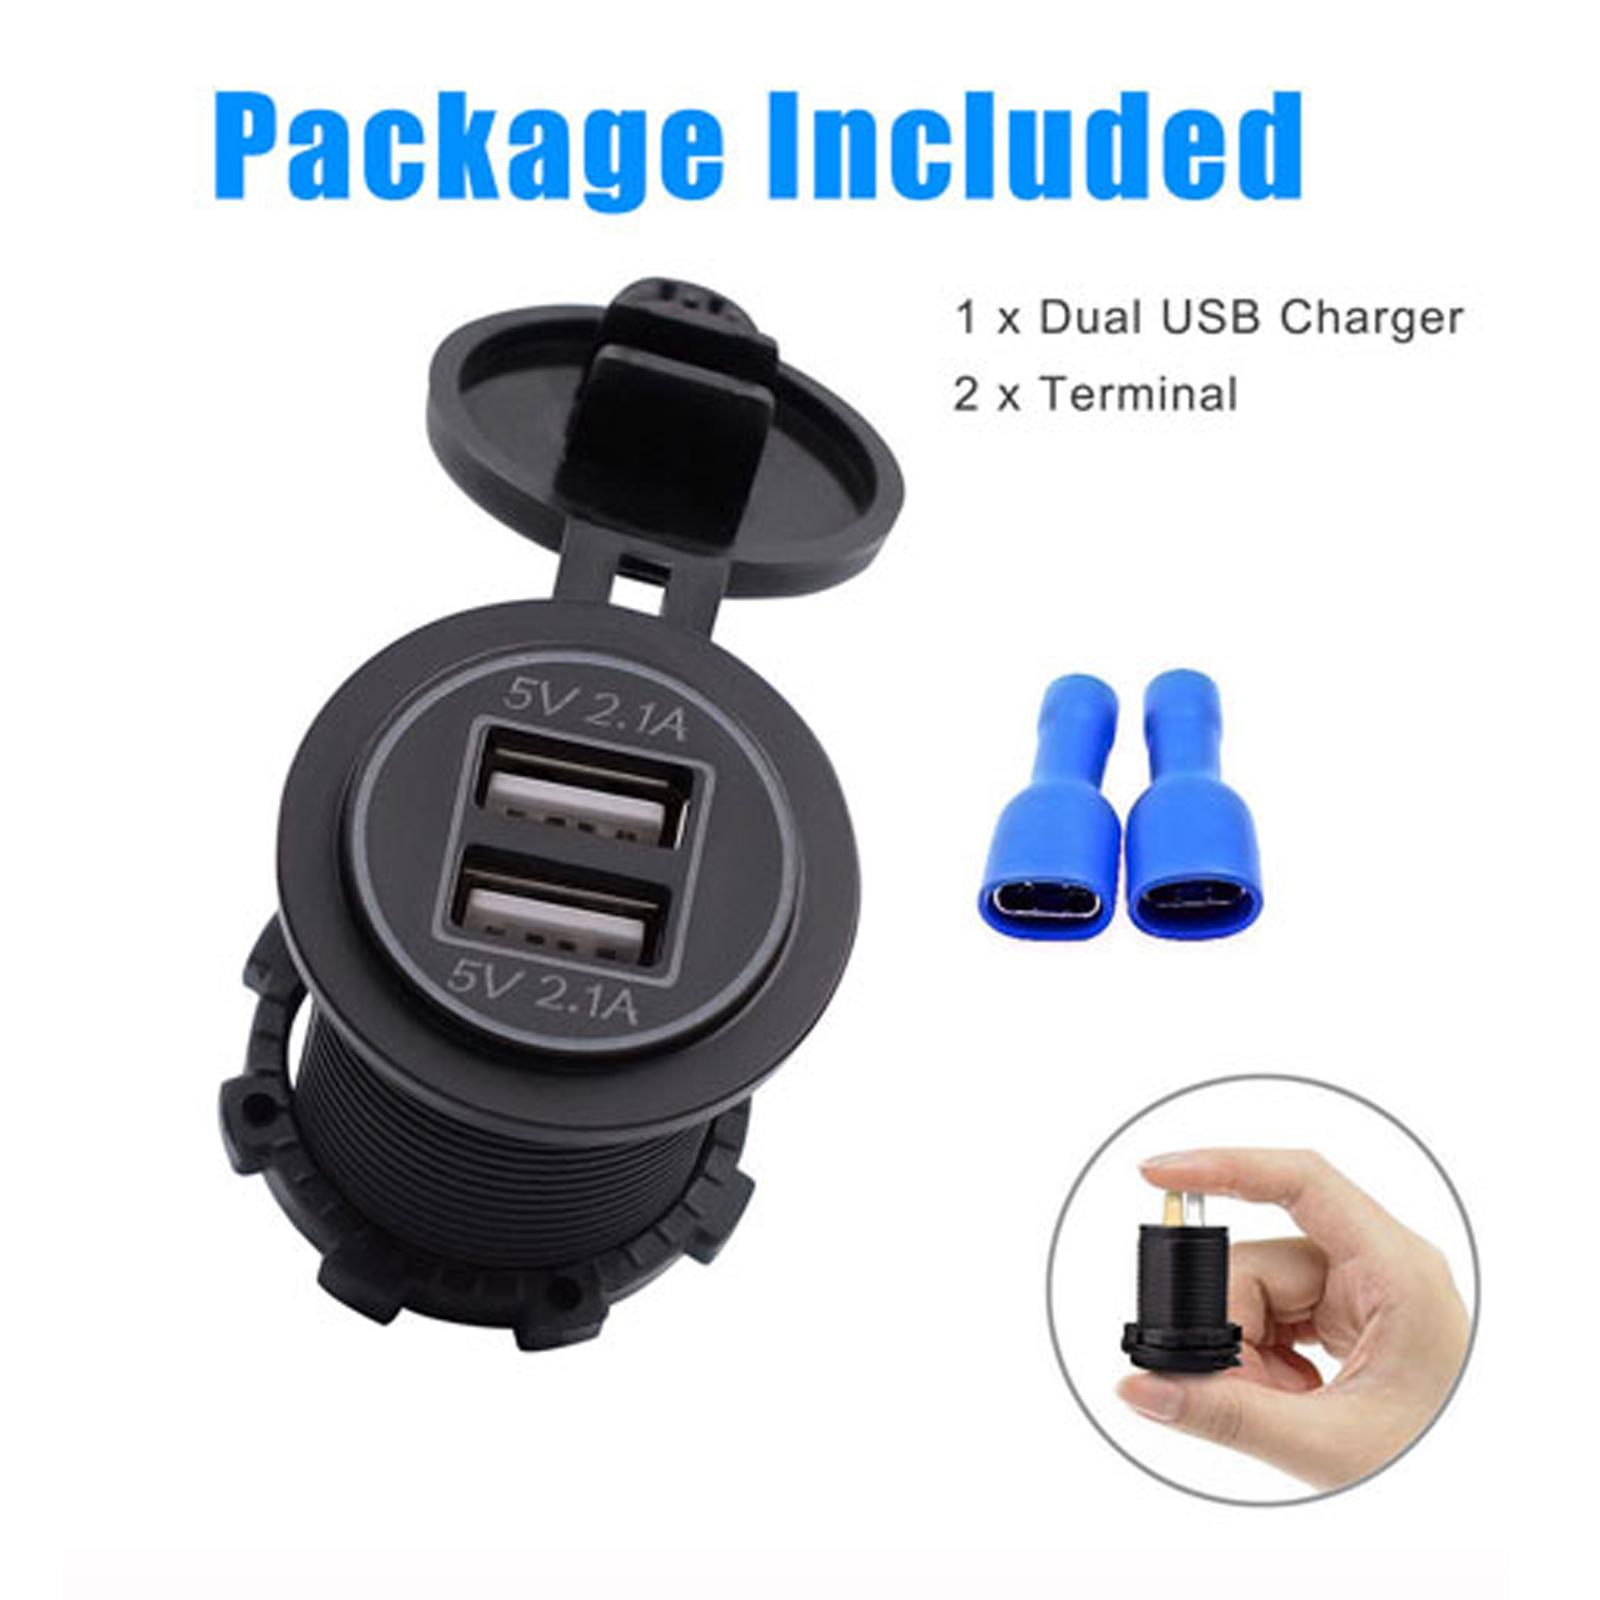 Dual-USB-Car-Cigarette-Lighter-Socket-Splitter-Power-Adapter-Charger-Outlet-12V thumbnail 15